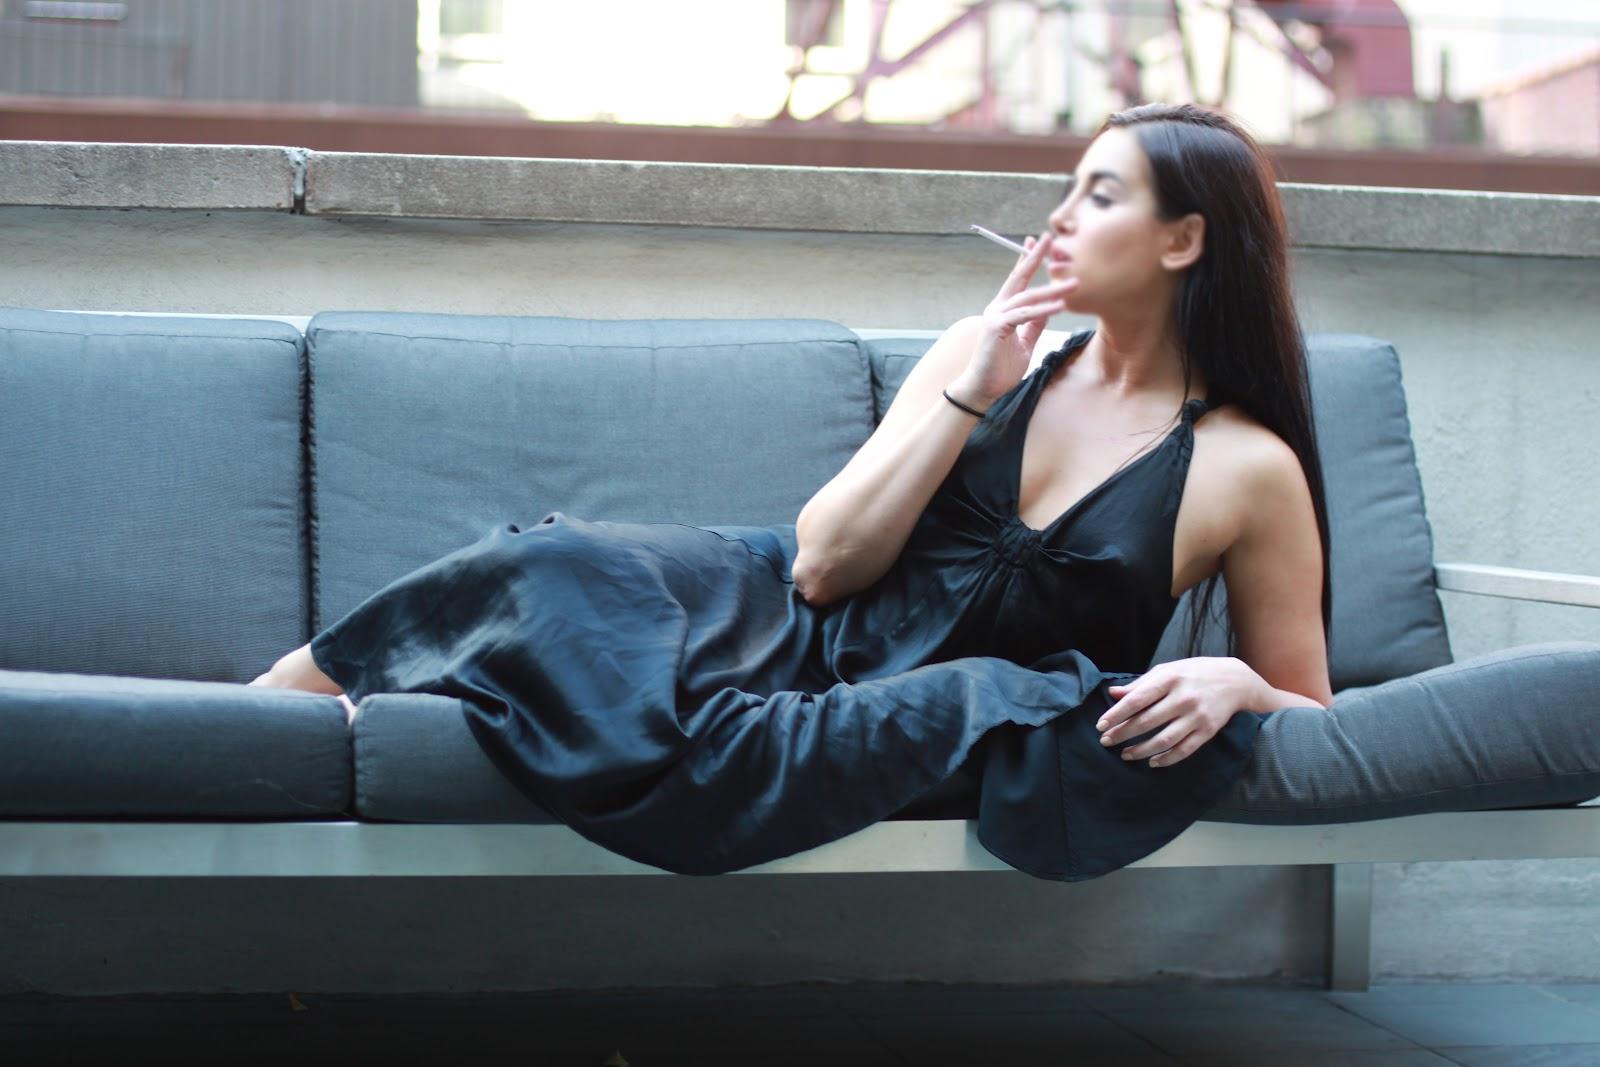 Smoking domina nyx